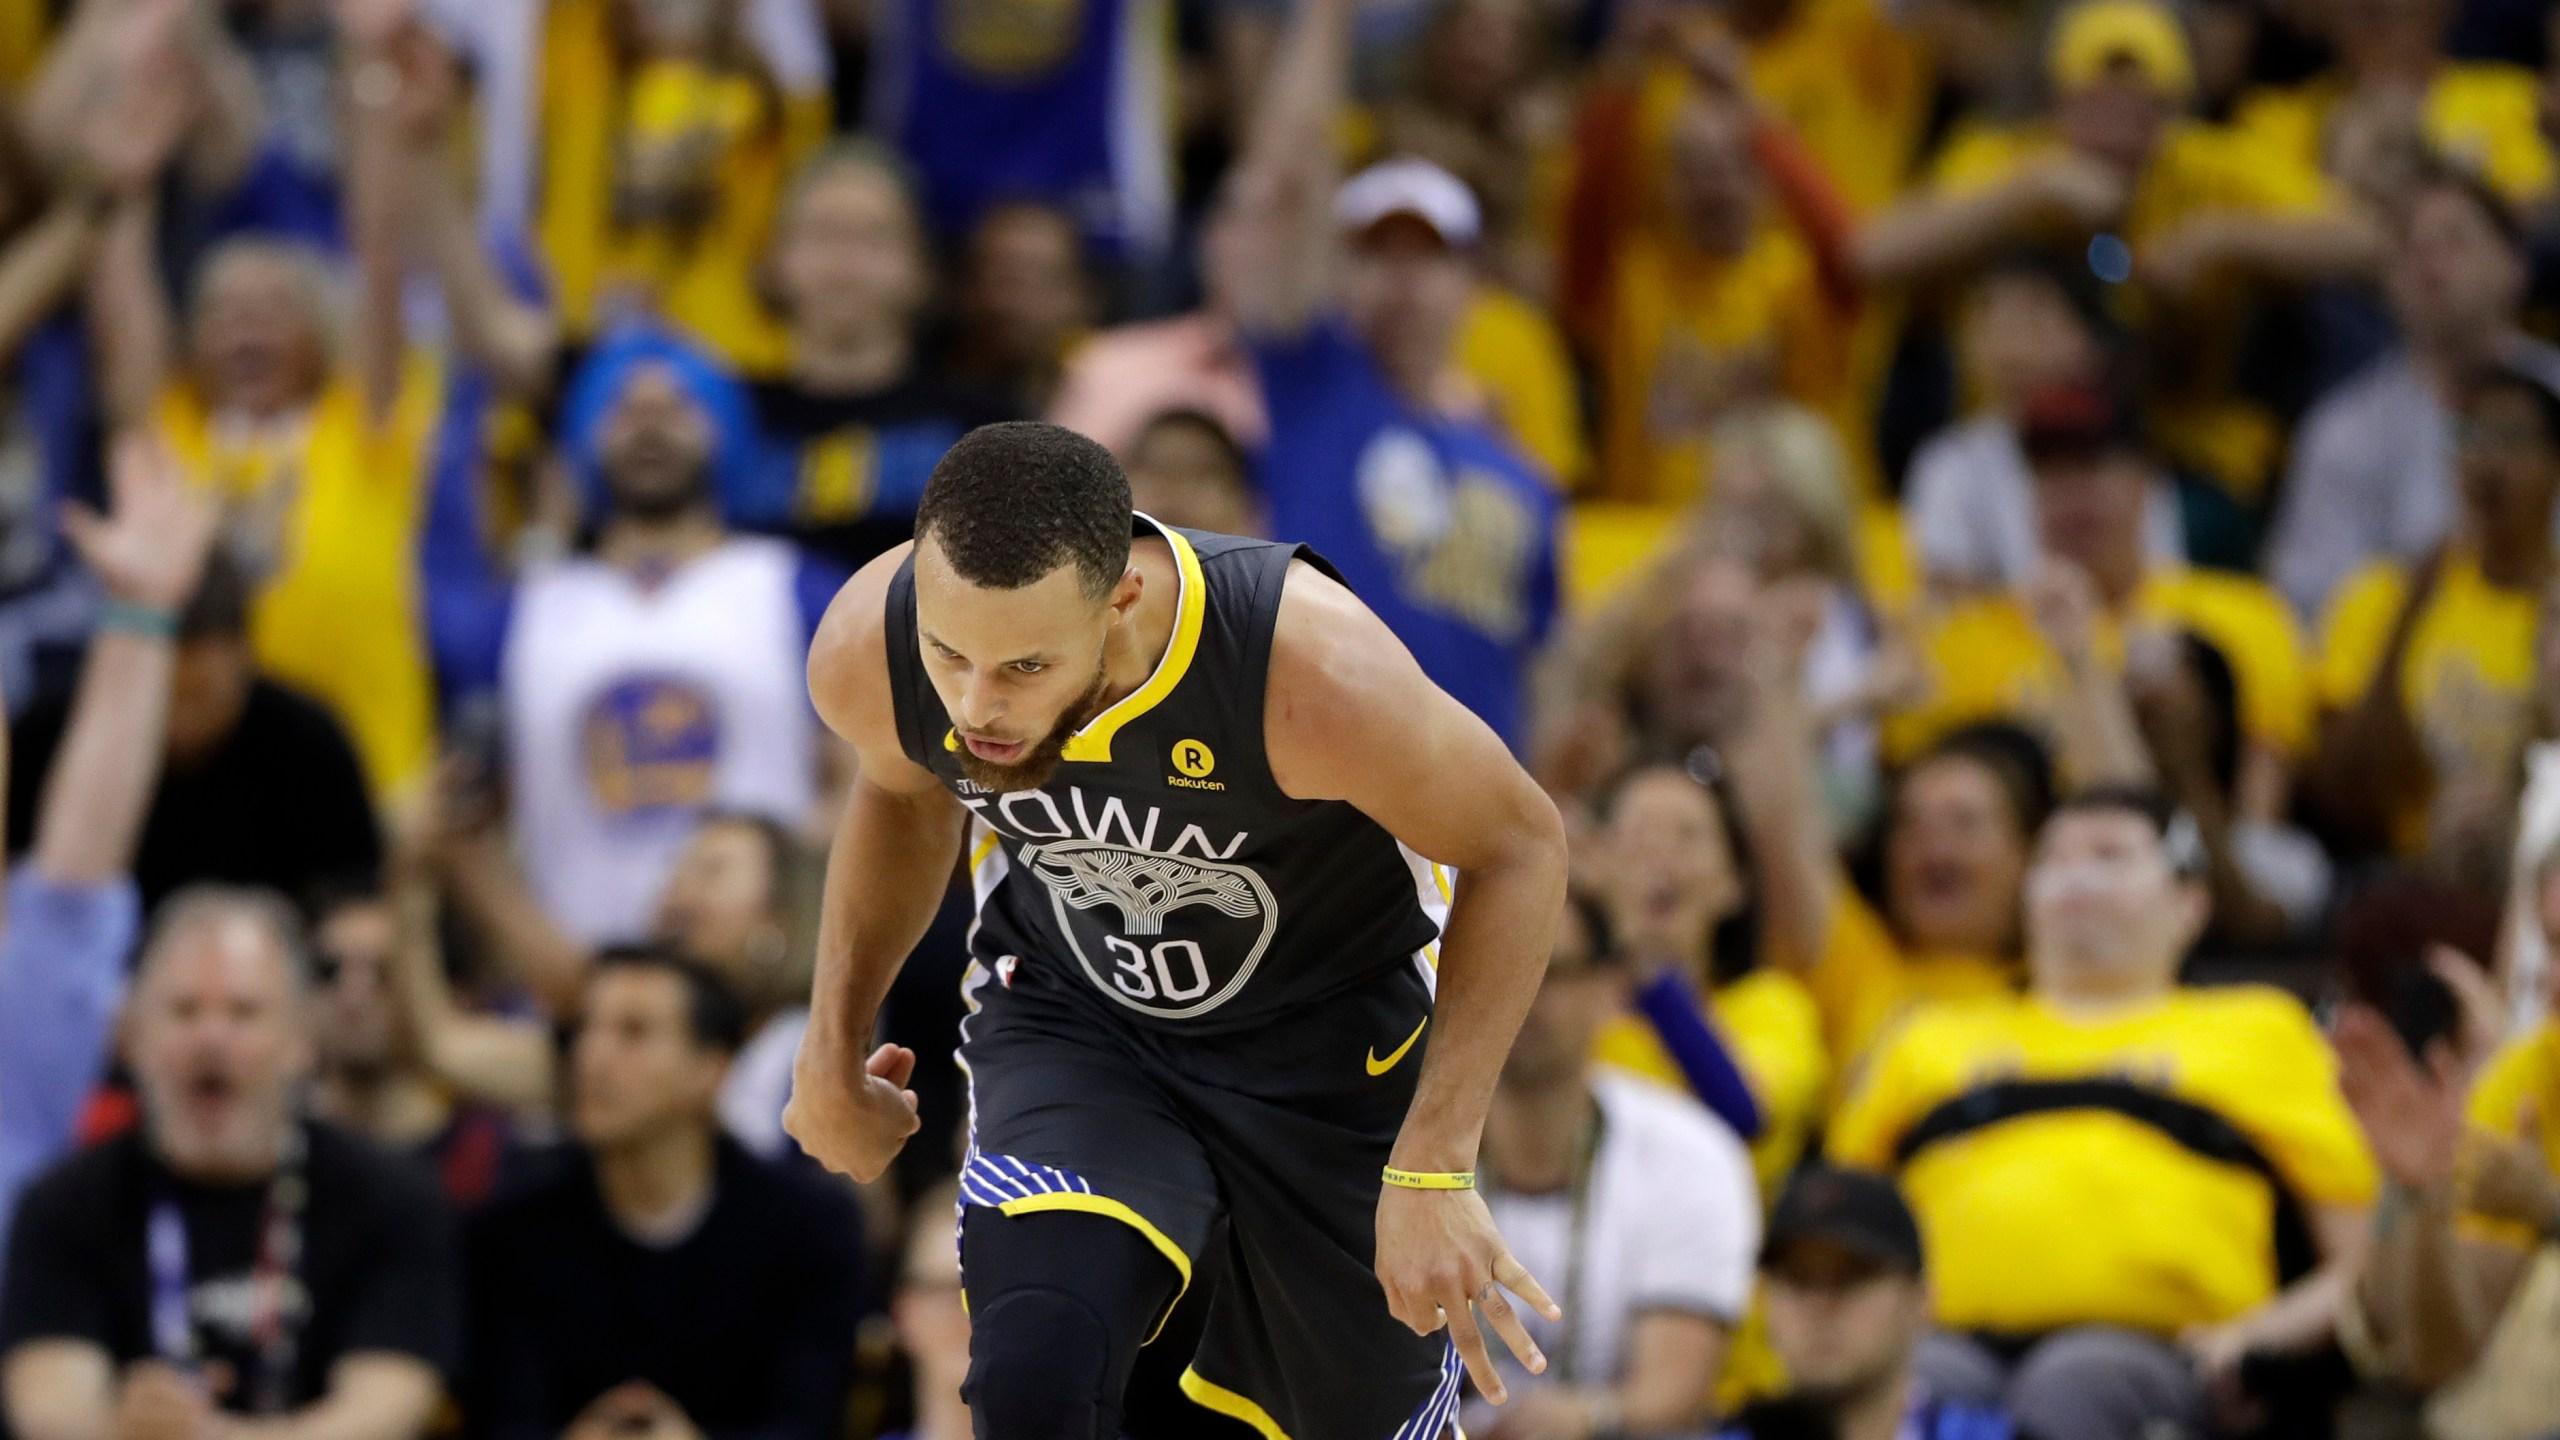 NBA_Finals_Cavaliers_Warriors_Basketball_25715-159532.jpg04816508